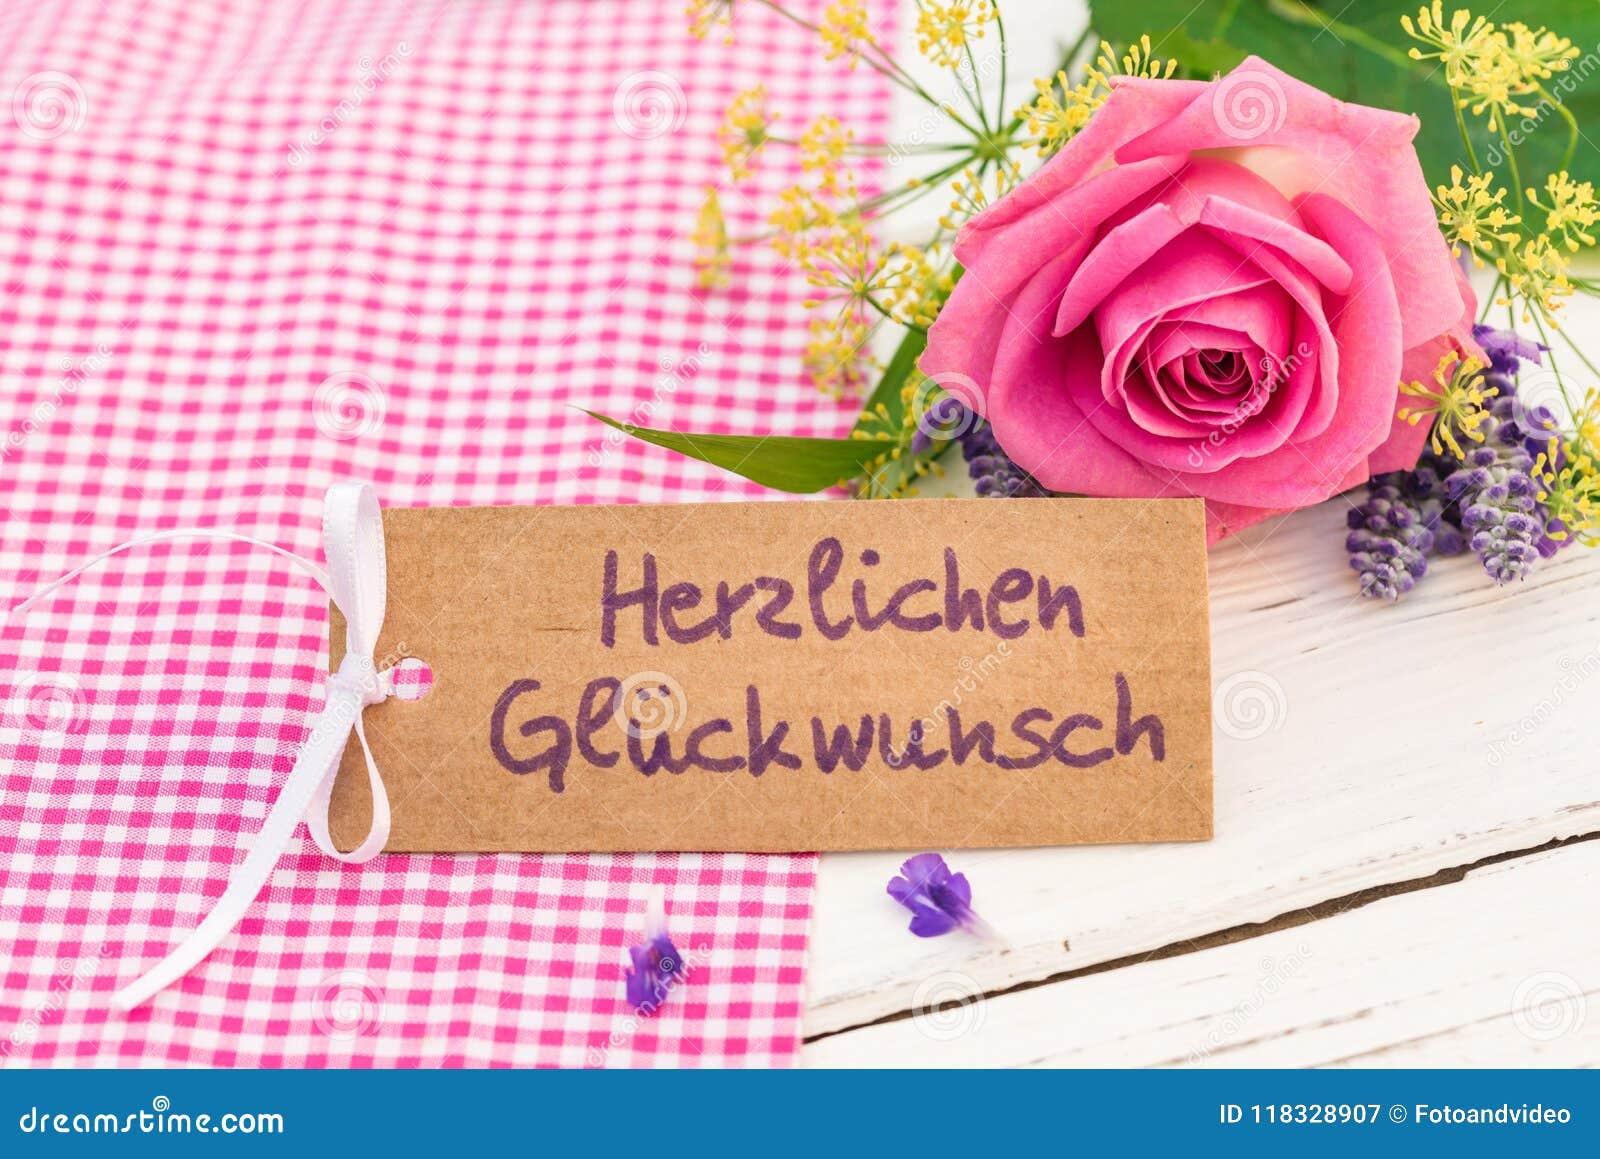 La carta di congratulazione con testo tedesco, Herzlichen Glueckwunsch, la congratulazione di mezzi e la rosa di rosa fioriscono